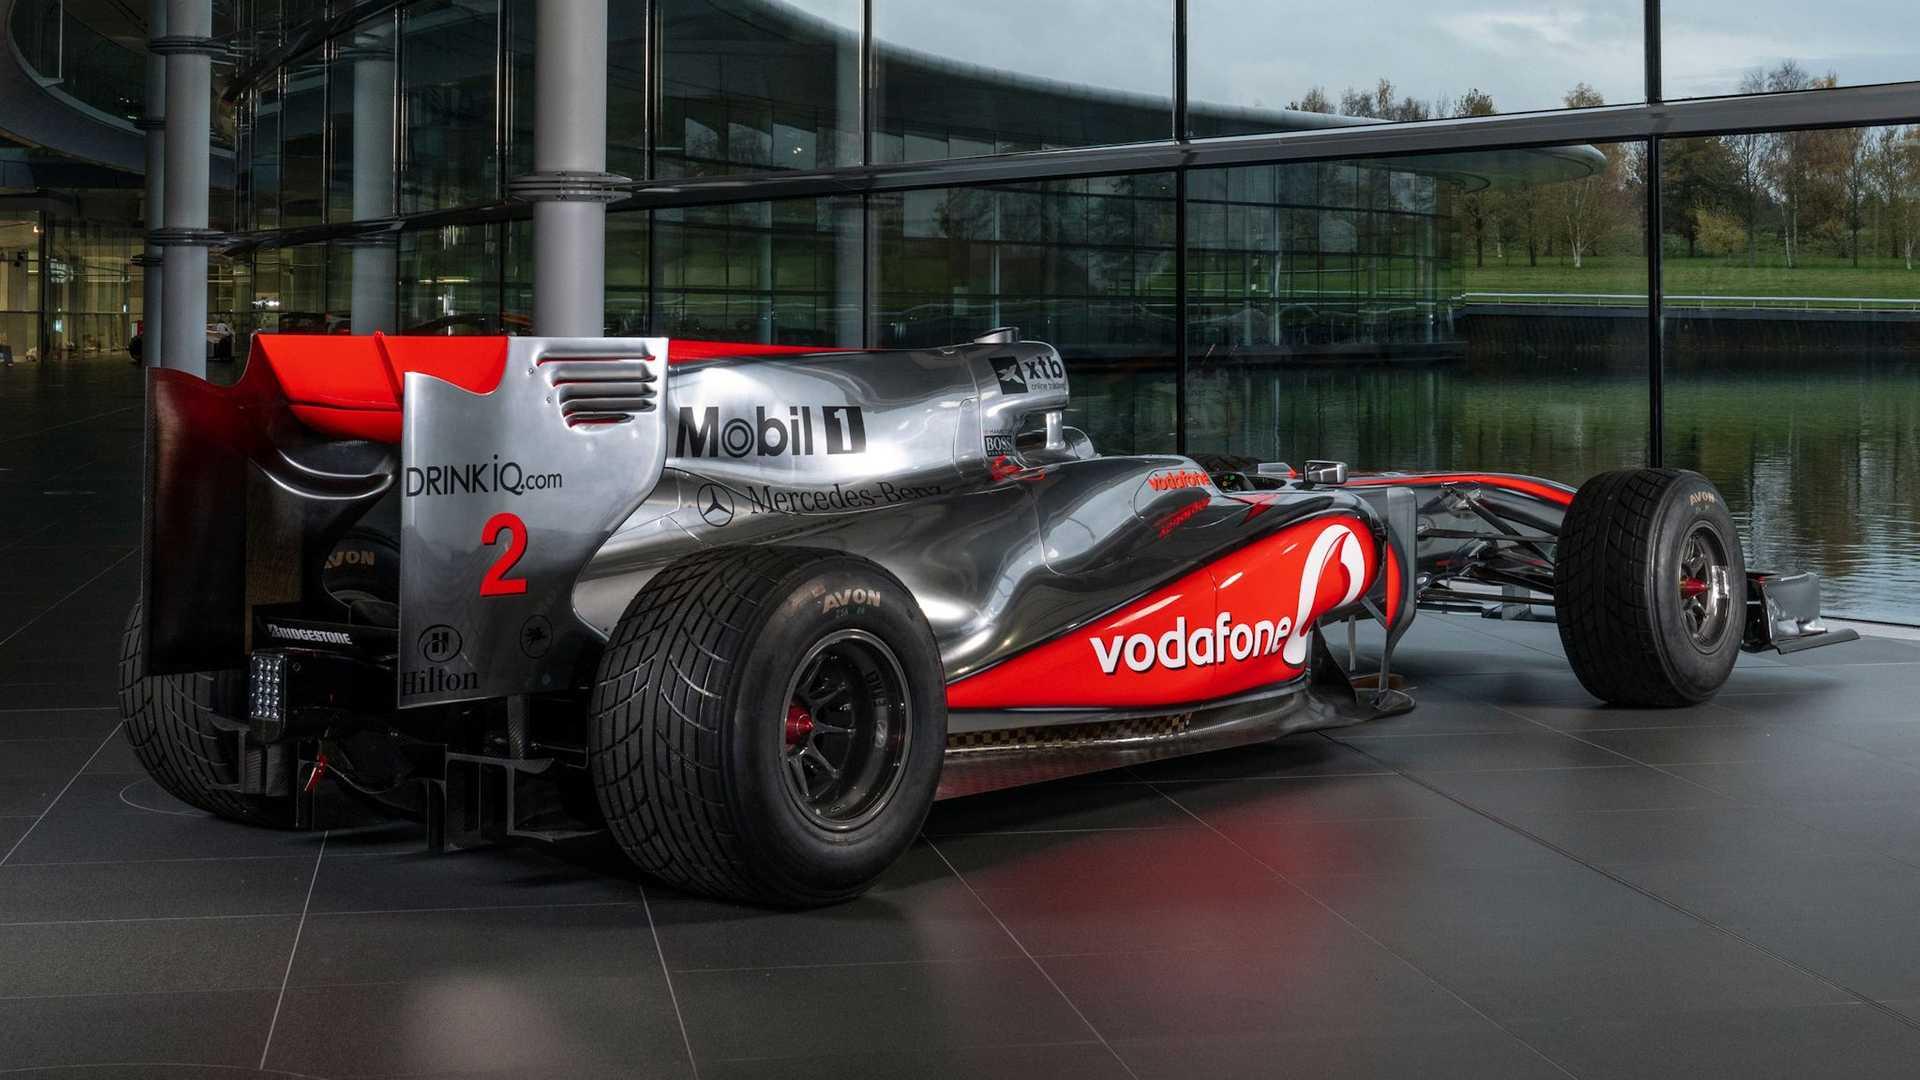 Lewis-Hamilton-McLaren-MP4-25A-auction-4